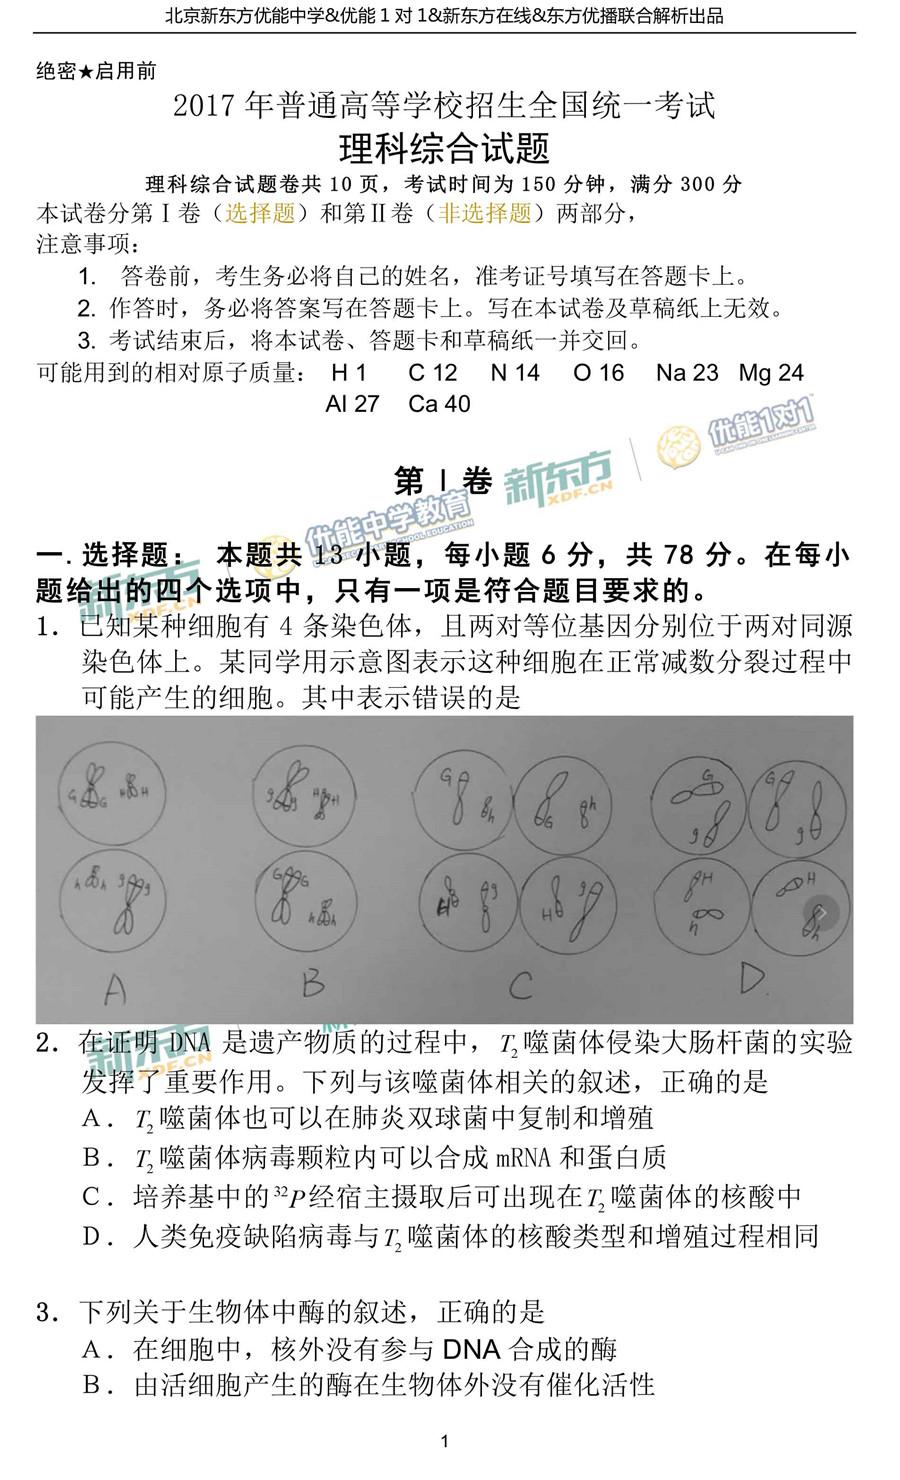 2017高考全国卷2理综试题及答案(北京新东方优能)